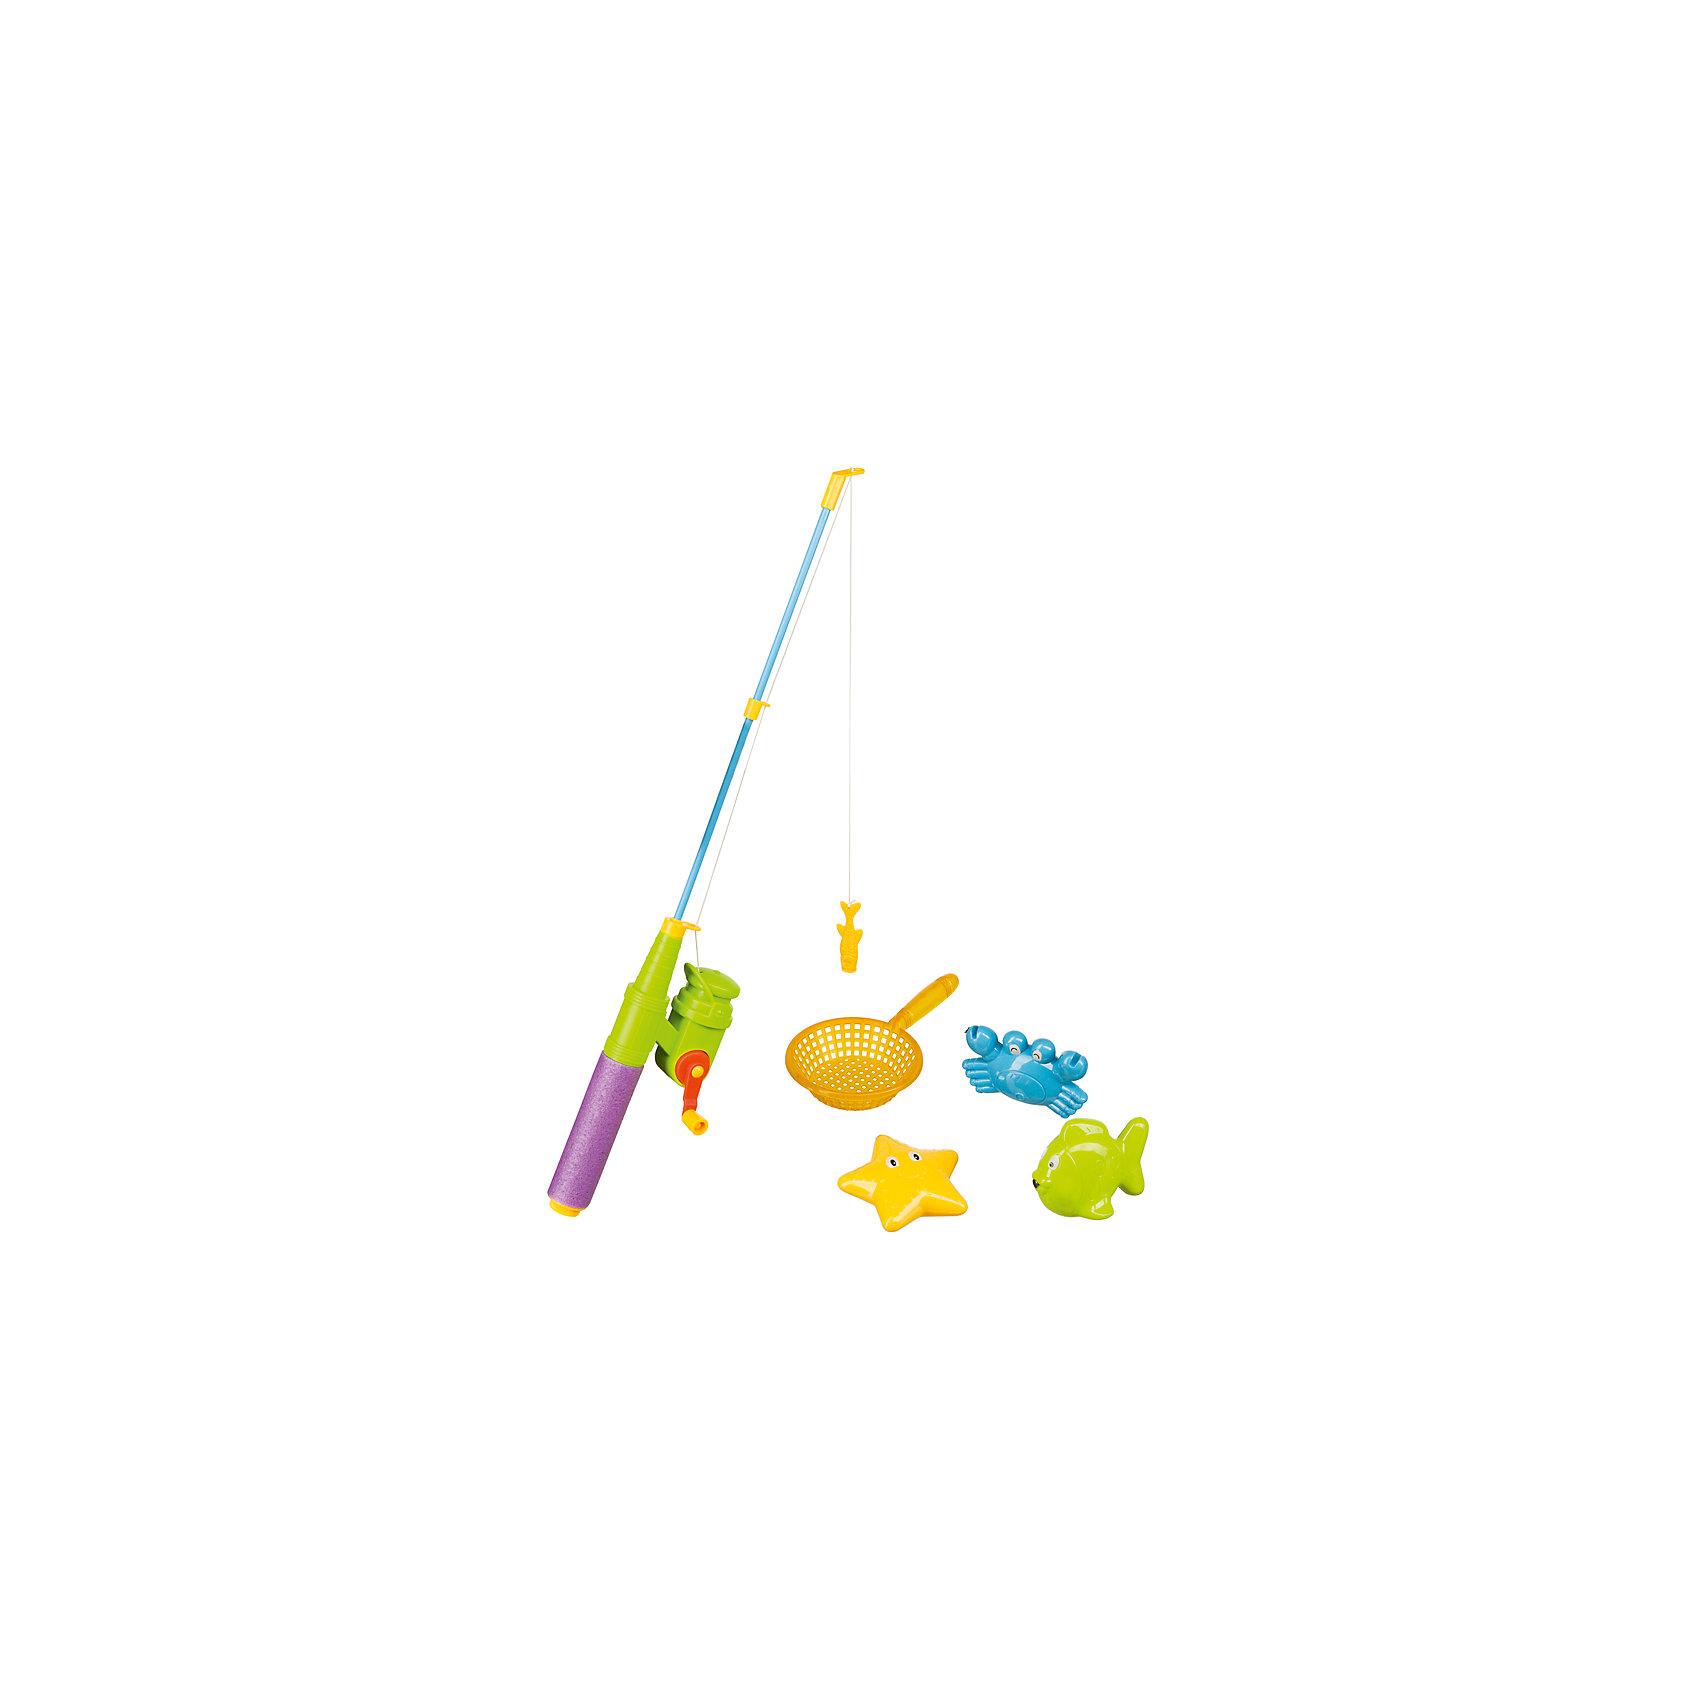 Набор игрушек для ванной LITTLE FISHMAN, Happy BabyИгрушки для ванной<br><br><br>Ширина мм: 9999<br>Глубина мм: 9999<br>Высота мм: 9999<br>Вес г: 9999<br>Возраст от месяцев: 12<br>Возраст до месяцев: 36<br>Пол: Унисекс<br>Возраст: Детский<br>SKU: 5345704